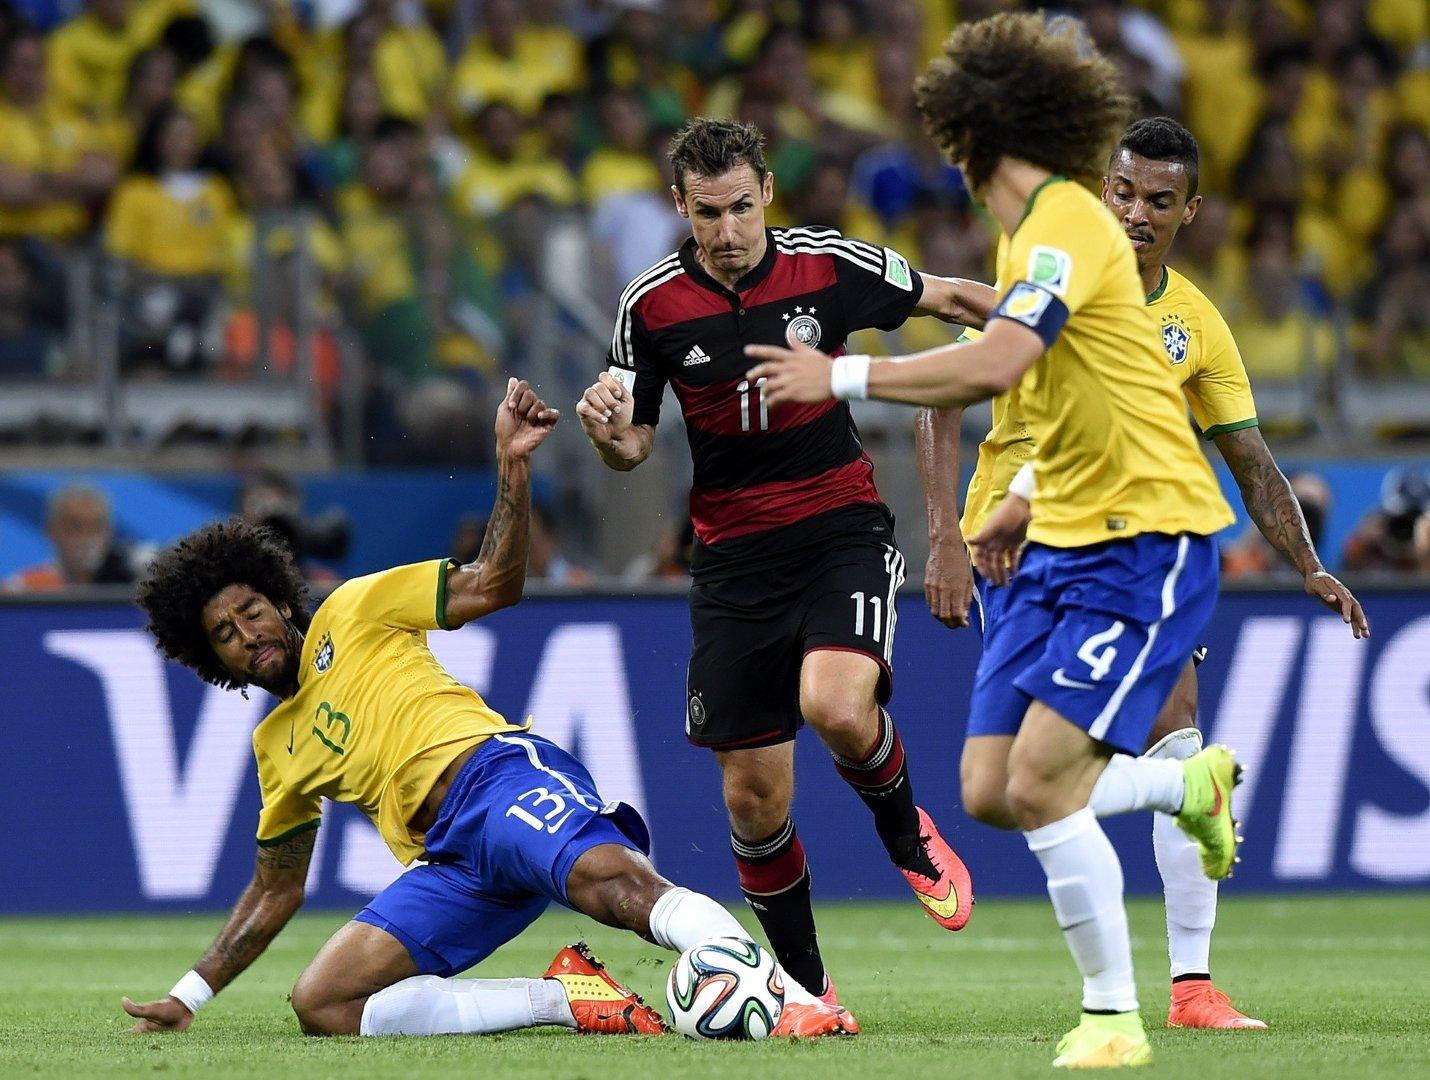 25a8493bf Klęska 1:7 z Niemcami w półfinale mistrzostw świata 2014 była dla Brazylii  szokiem